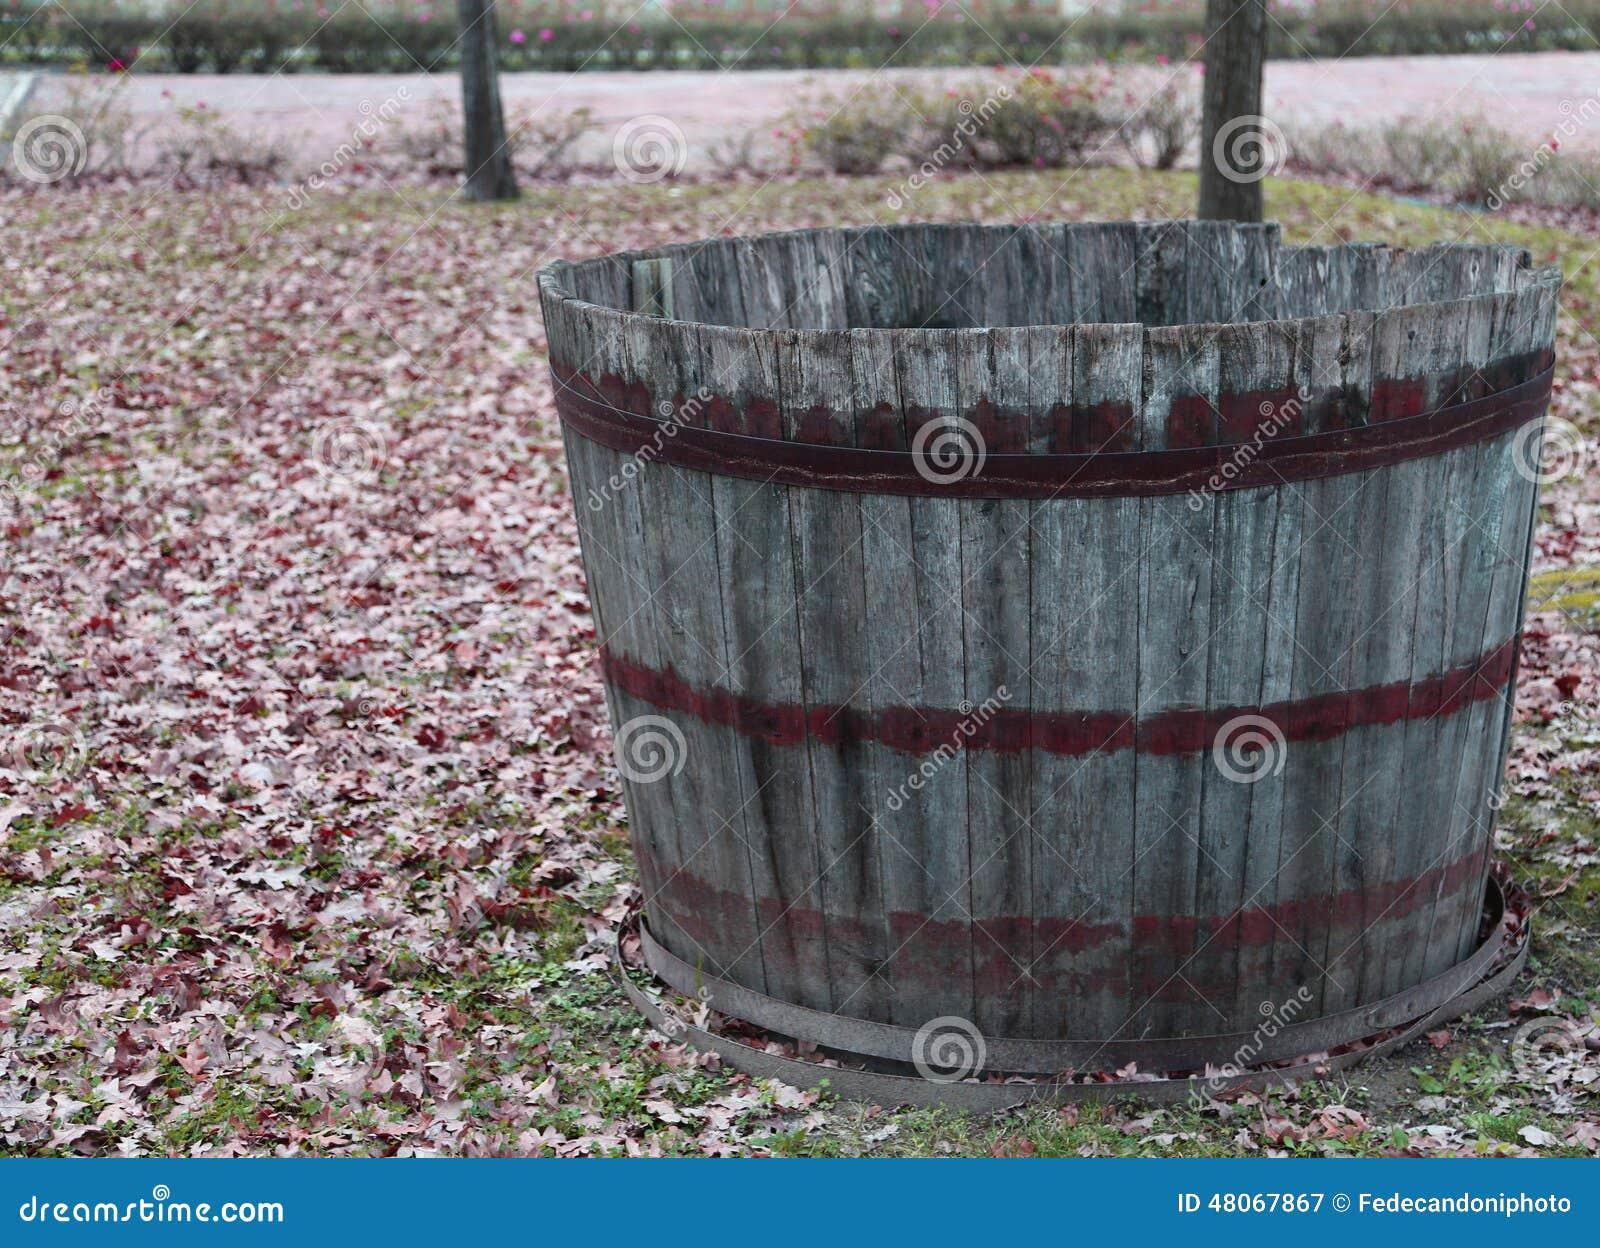 vasca di legno per selezionare l 39 uva durante la